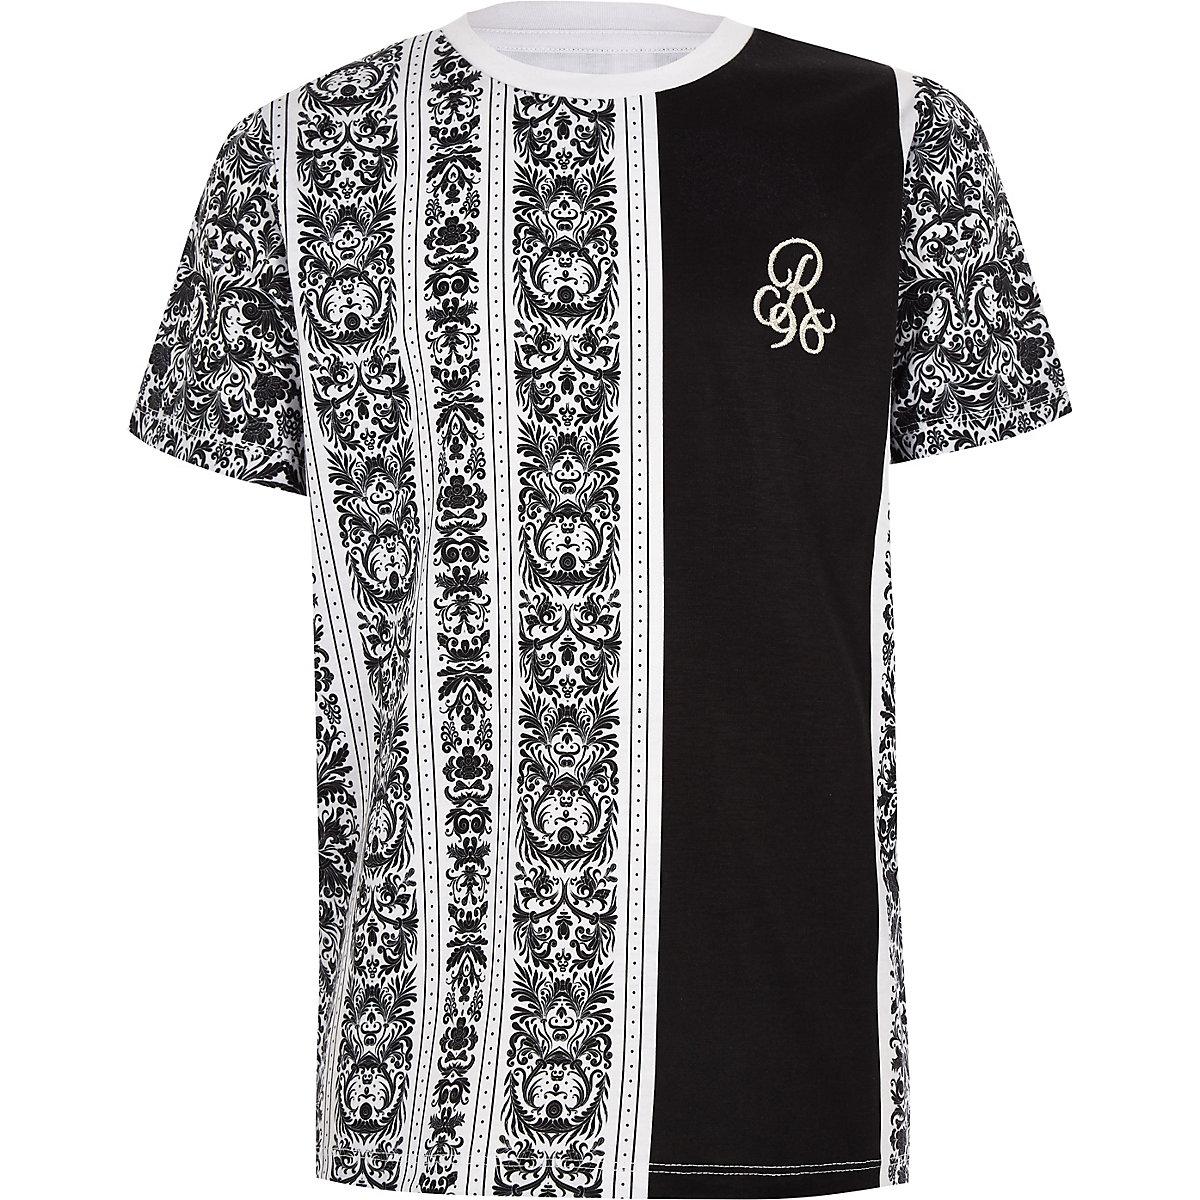 Boys baroque print 'R96' print T-shirt